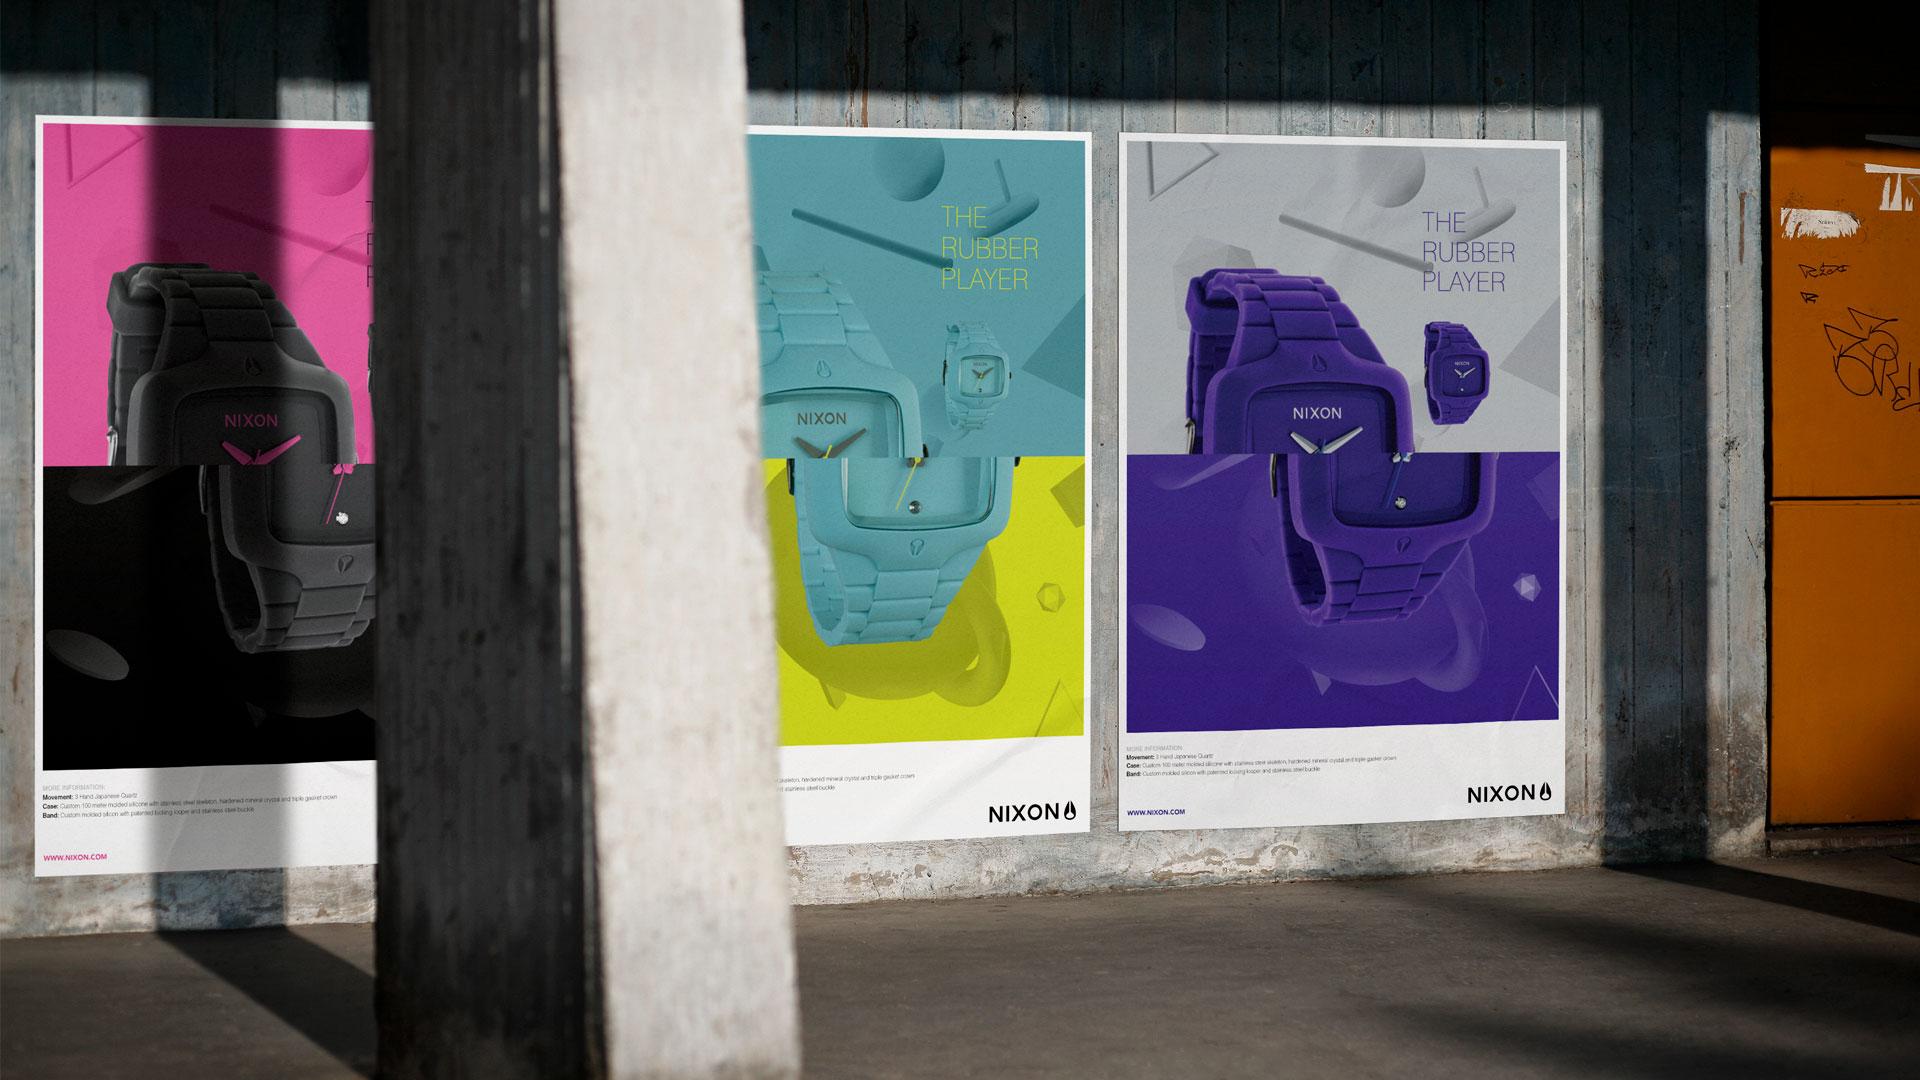 nixon_poster_advertising_artdirection